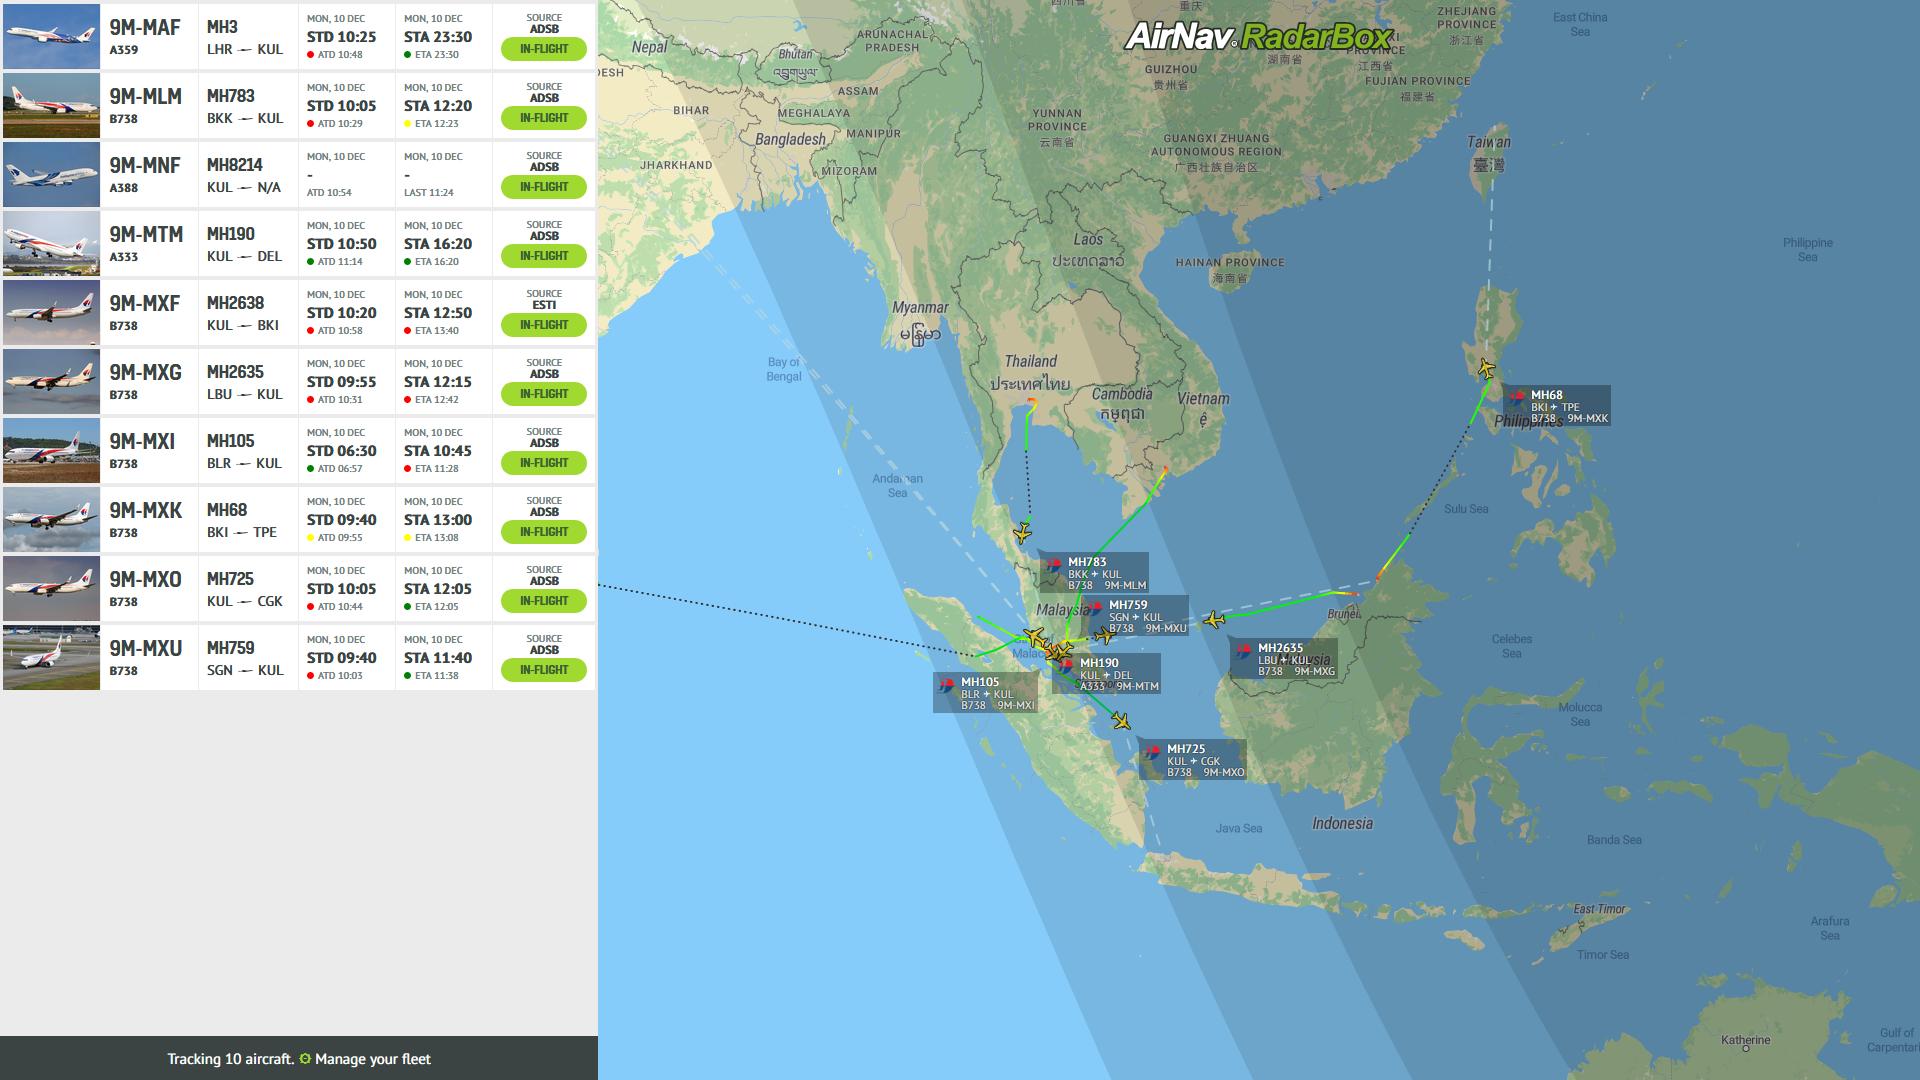 Fleet Tracker - AirNav RadarBox - Live Flight Tracker and